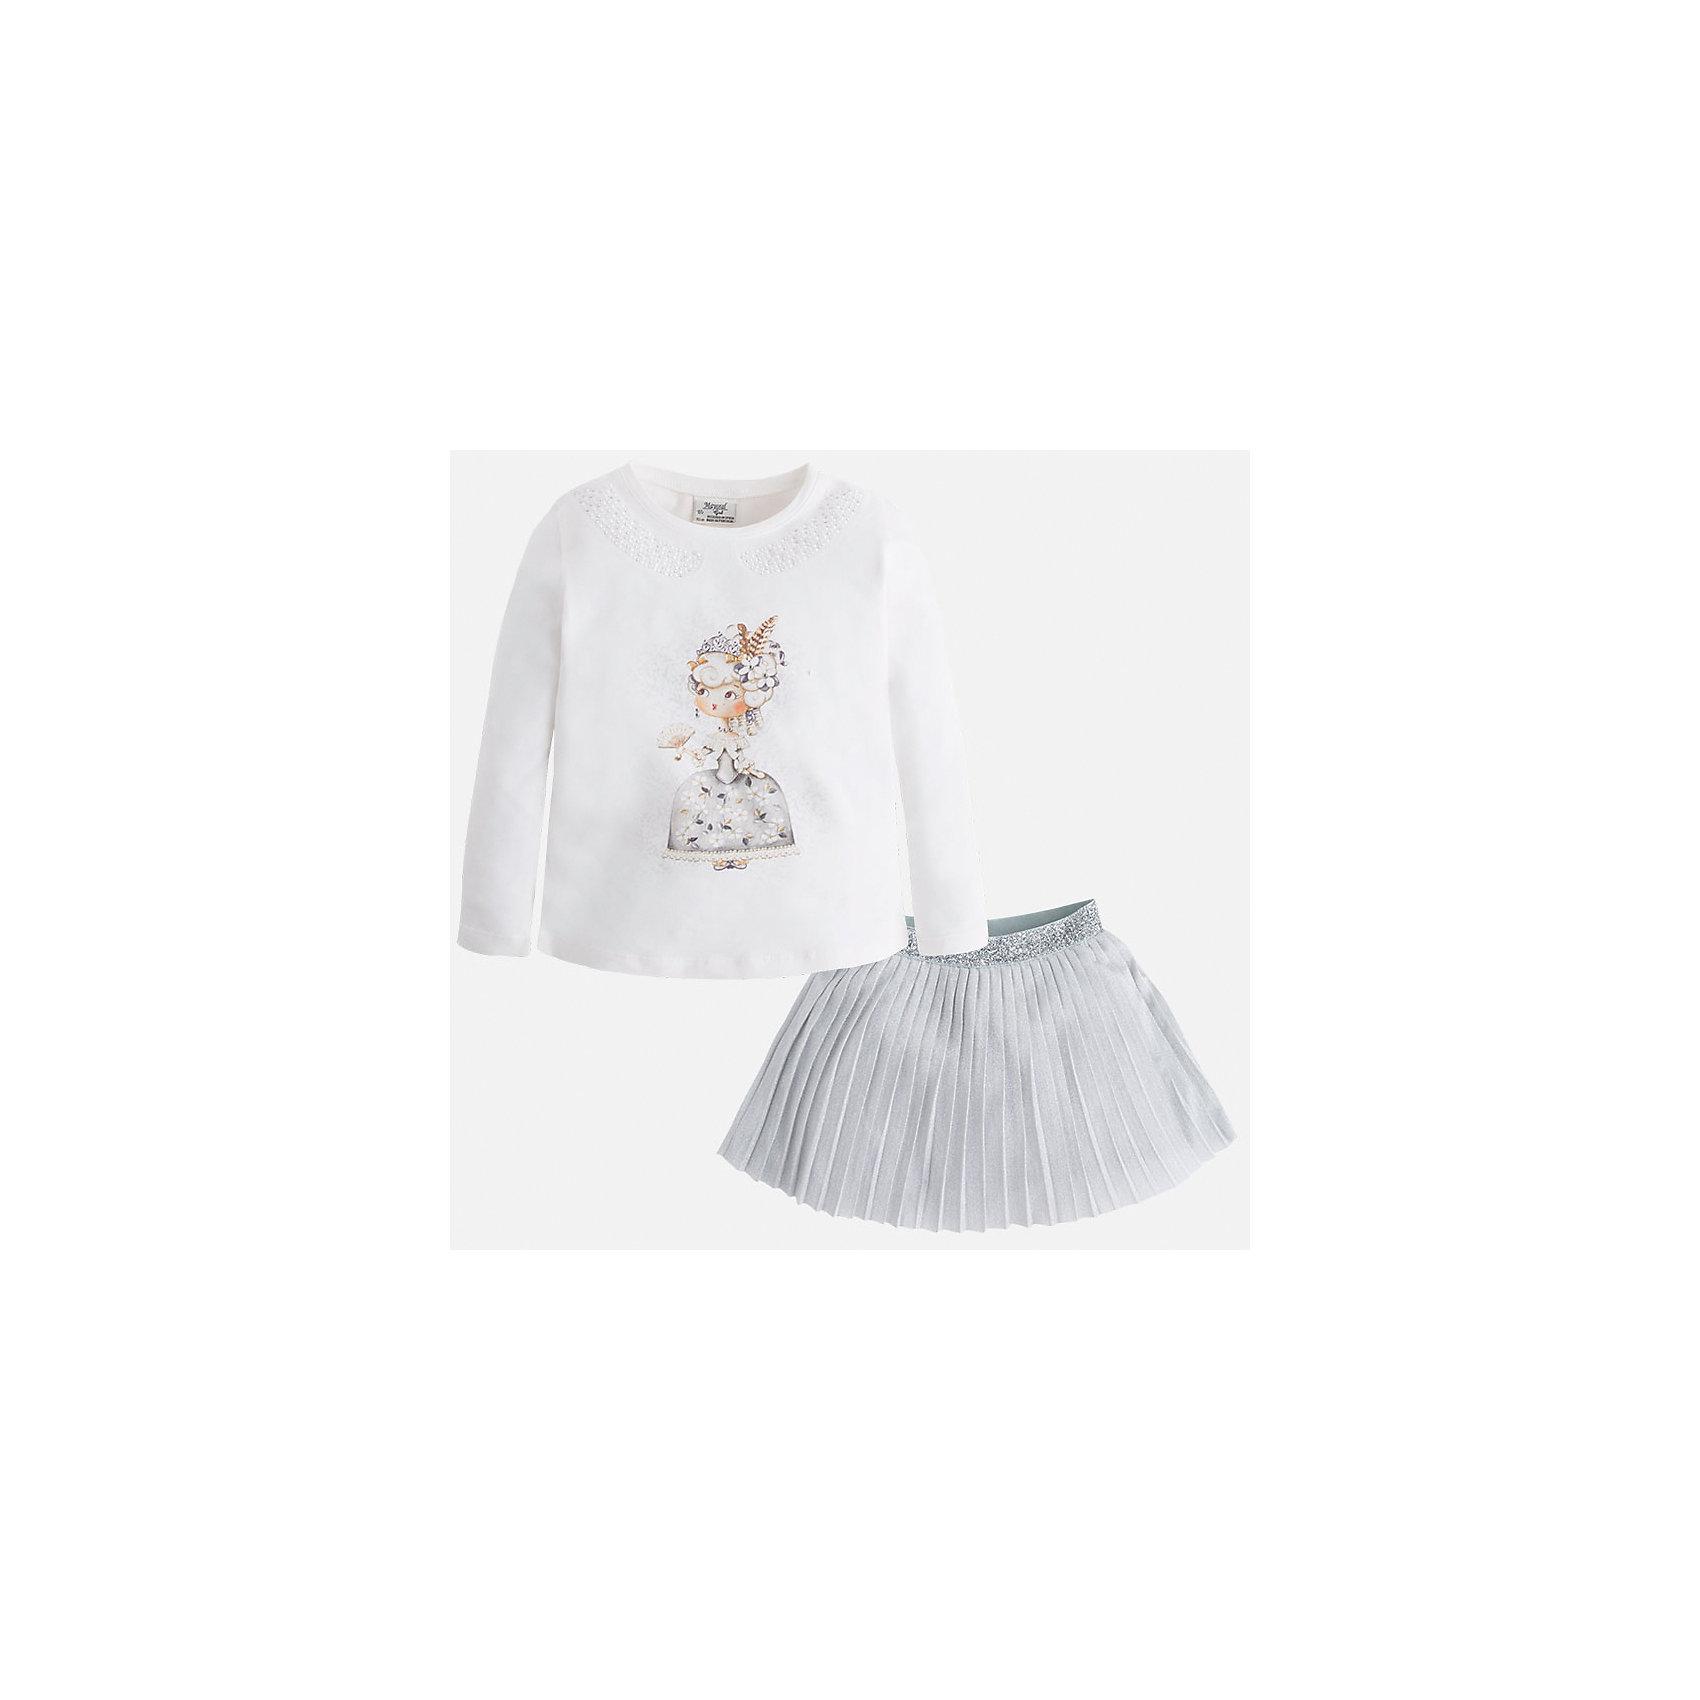 Комплект:топ и юбка для девочки MayoralКомплект из топа и юбки для девочки от популярного испанского бренда Mayoral(Майорал). Комплект изготовлен из хлопка высокого качества, приятного телу. Плиссированная юбка с блестящей вышивкой и топ нежного белого цвета с принтом прекрасно сочетаются и отлично подойдут для прогулок!<br>Дополнительная информация:<br>-длинные рукава<br>-красивый принт спереди<br>-цвет: серый/белый<br>-состав. топ: 92% хлопок, 8% эластан. Юбка 66% полиэстер, 30% люрекс, 4% эластан; подкладка: 100% хлопок<br>Комплект из топа и юбки можно купить в нашем интернет-магазине.<br><br>Ширина мм: 207<br>Глубина мм: 10<br>Высота мм: 189<br>Вес г: 183<br>Цвет: серый<br>Возраст от месяцев: 24<br>Возраст до месяцев: 36<br>Пол: Женский<br>Возраст: Детский<br>Размер: 98,134,104,122,110,116,128<br>SKU: 4844624